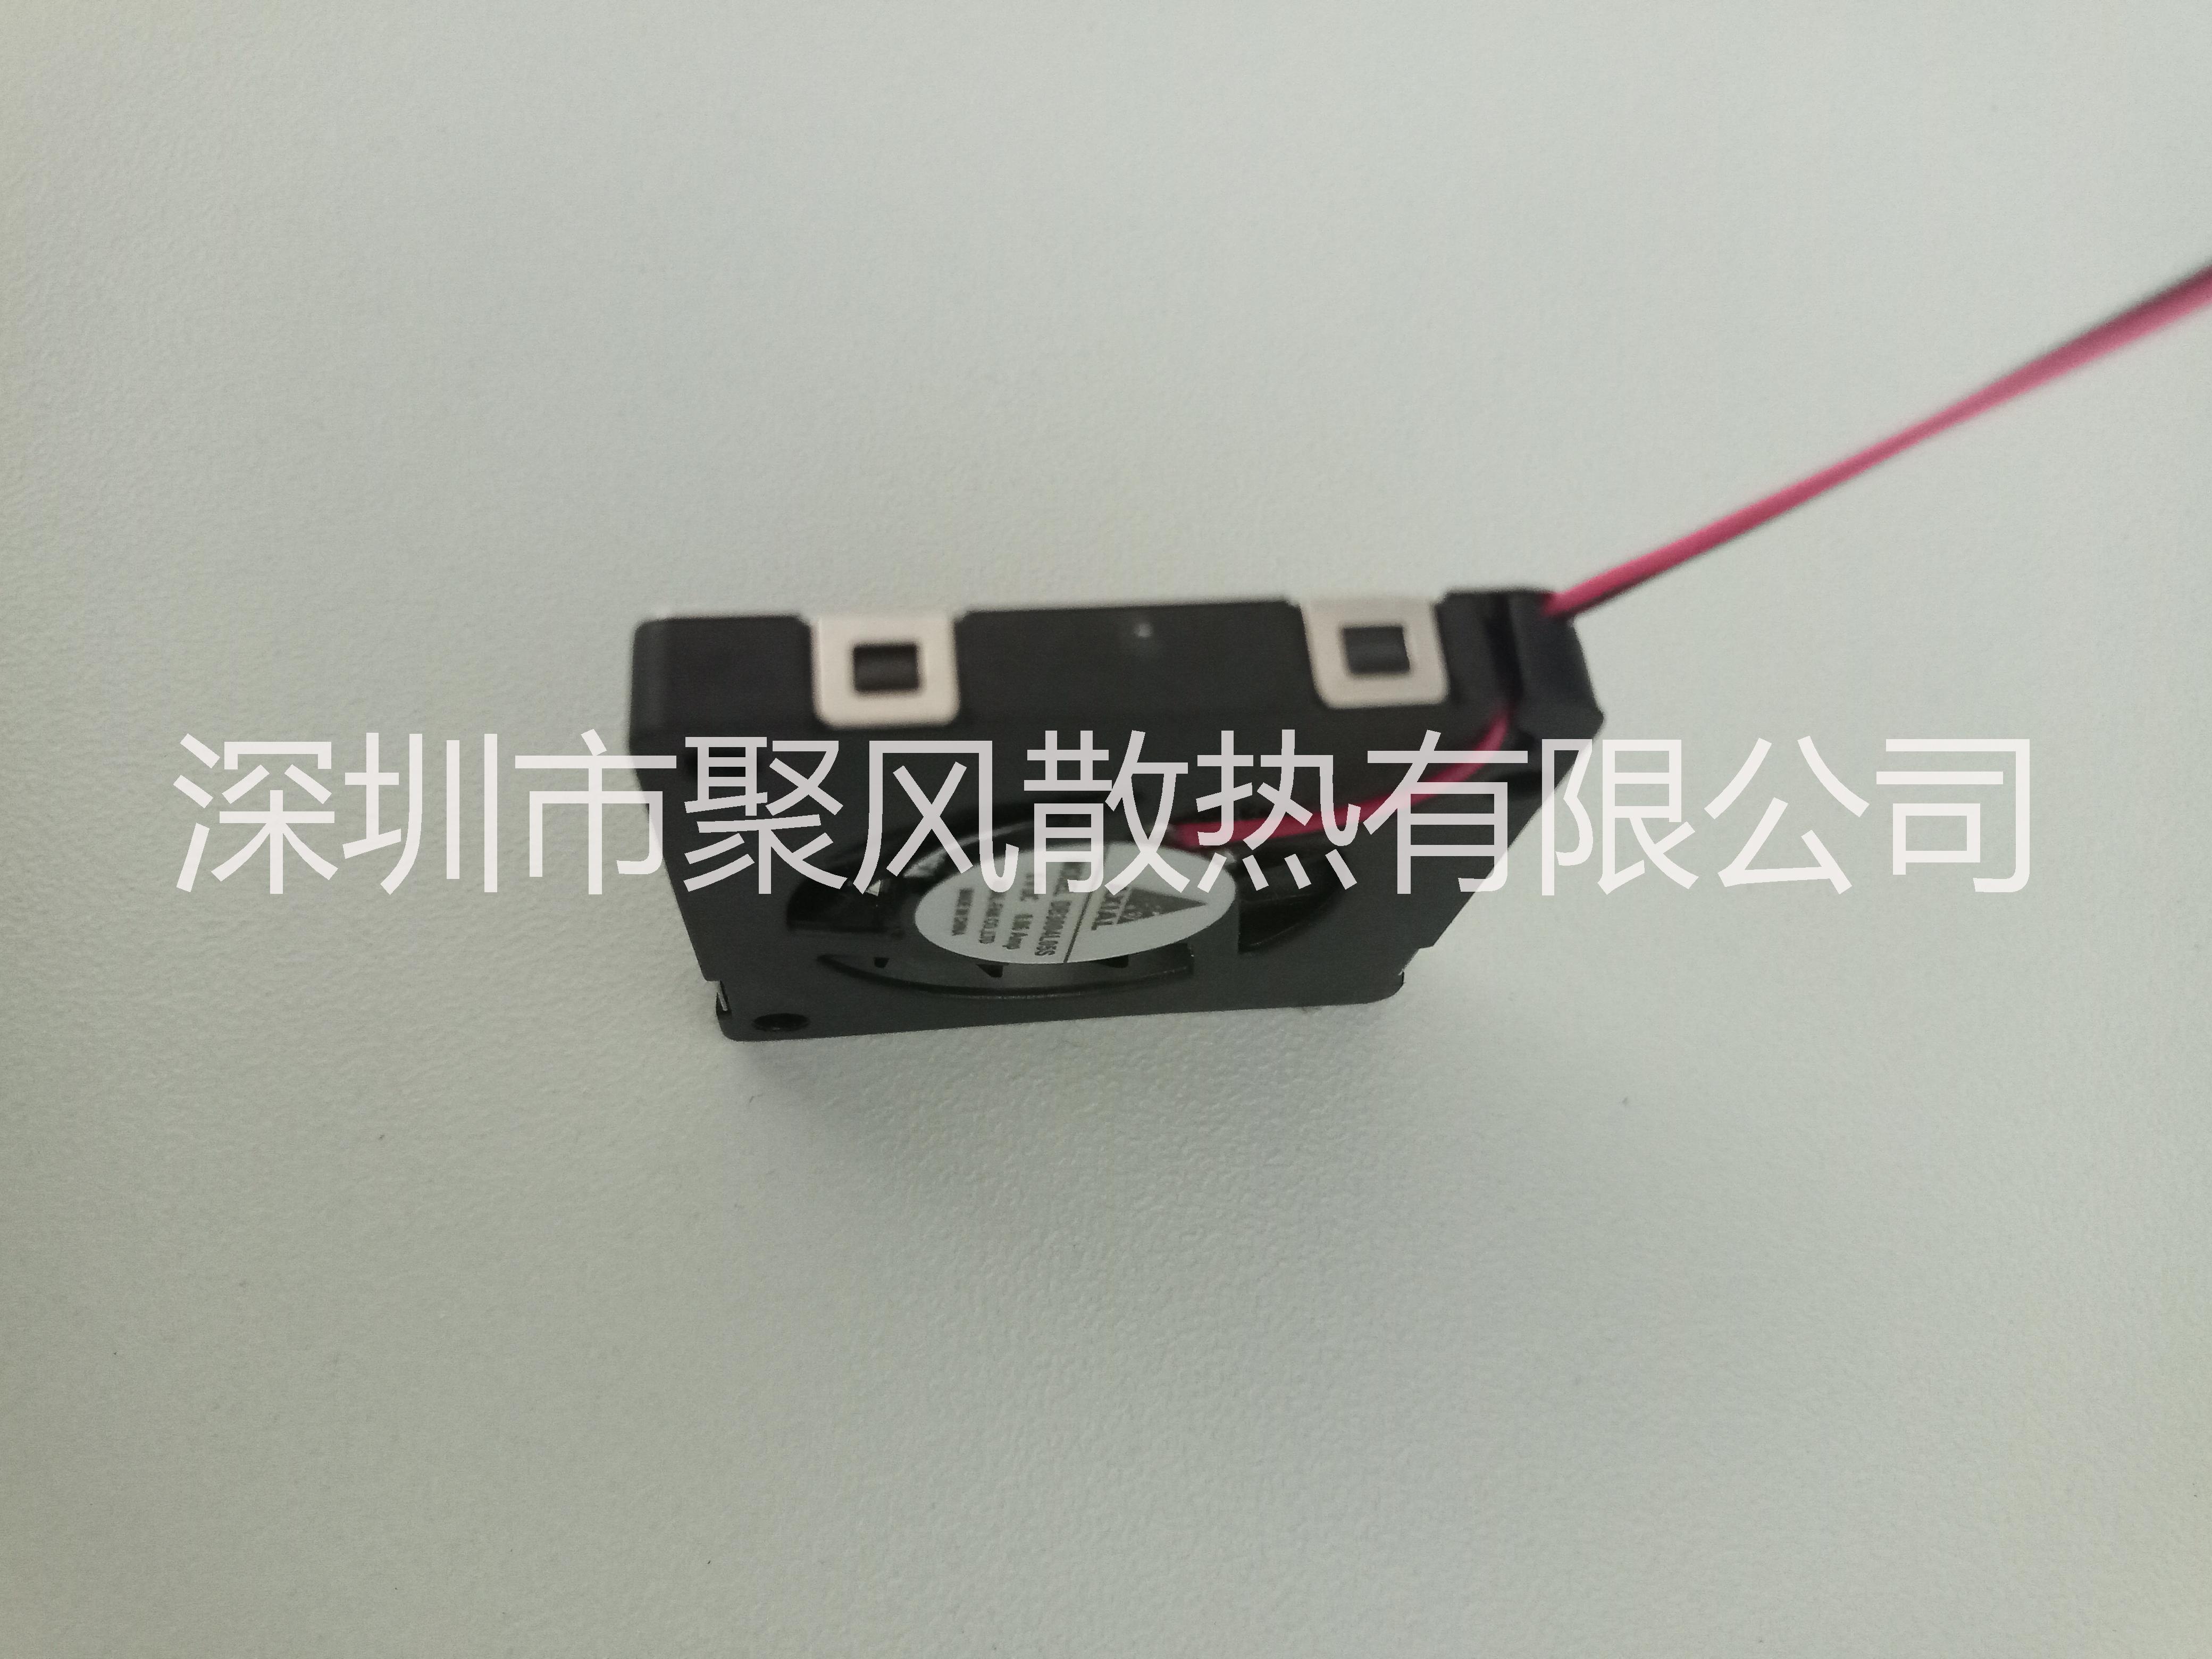 厂家直销 3004 微型PWM调速风扇 PM2.5智能口罩风扇 真正的低噪音  3004 微型散热风扇